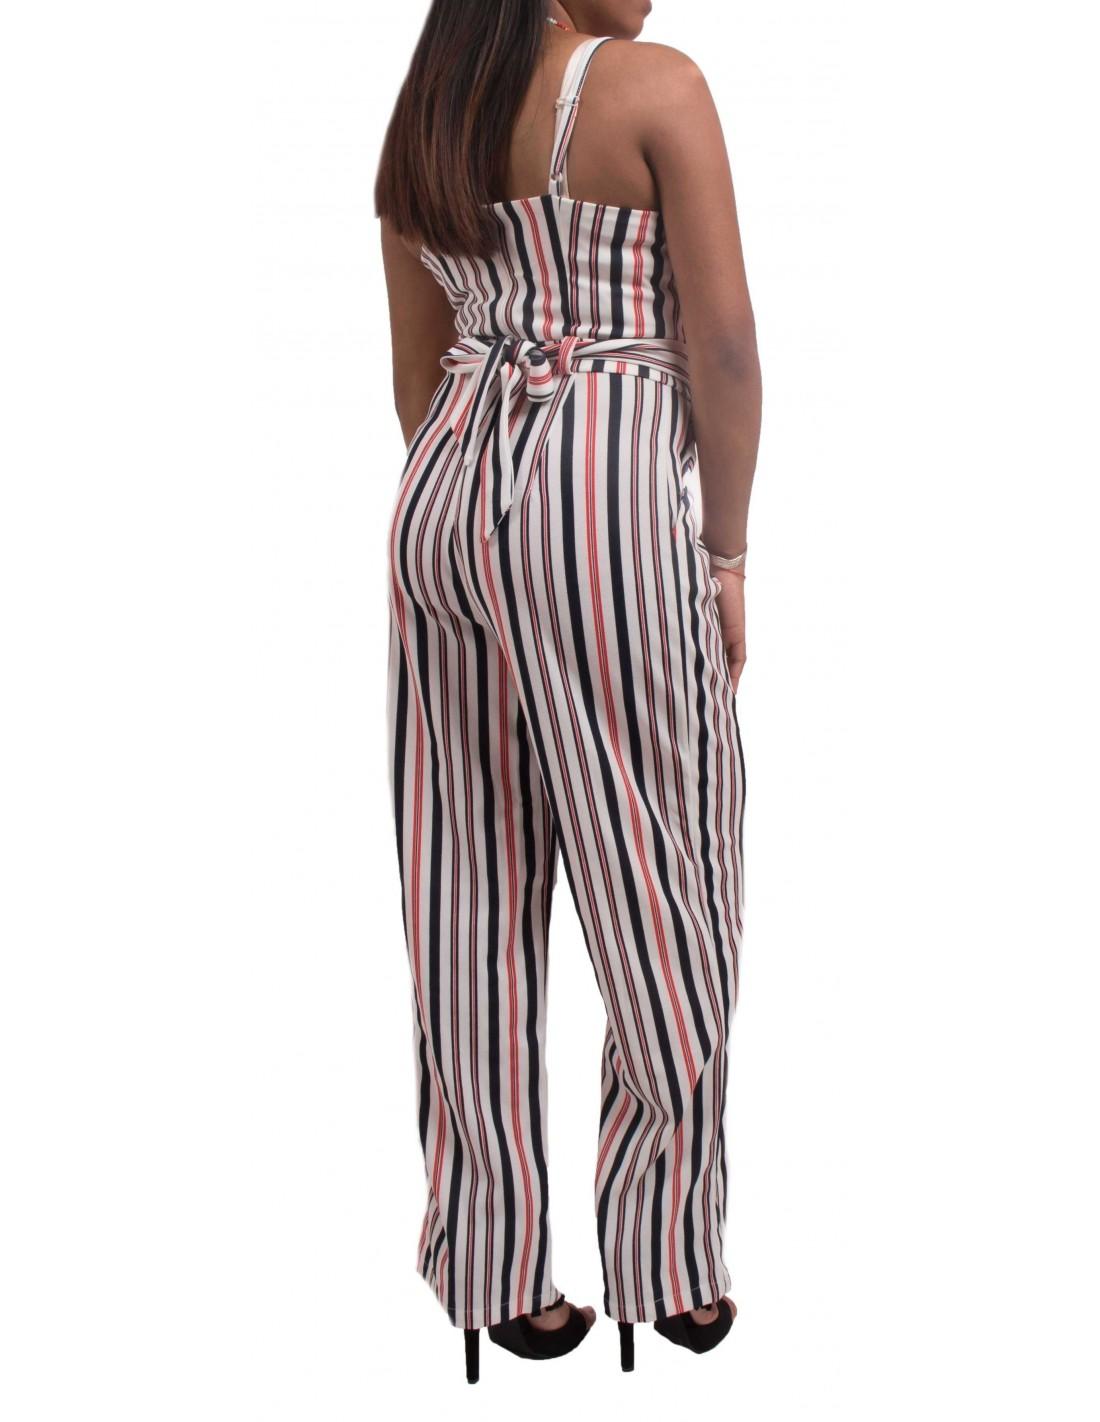 variété de dessins et de couleurs choisir le dernier convient aux hommes/femmes Combinaison femme à rayures type combinaison pantalon sexy d'été